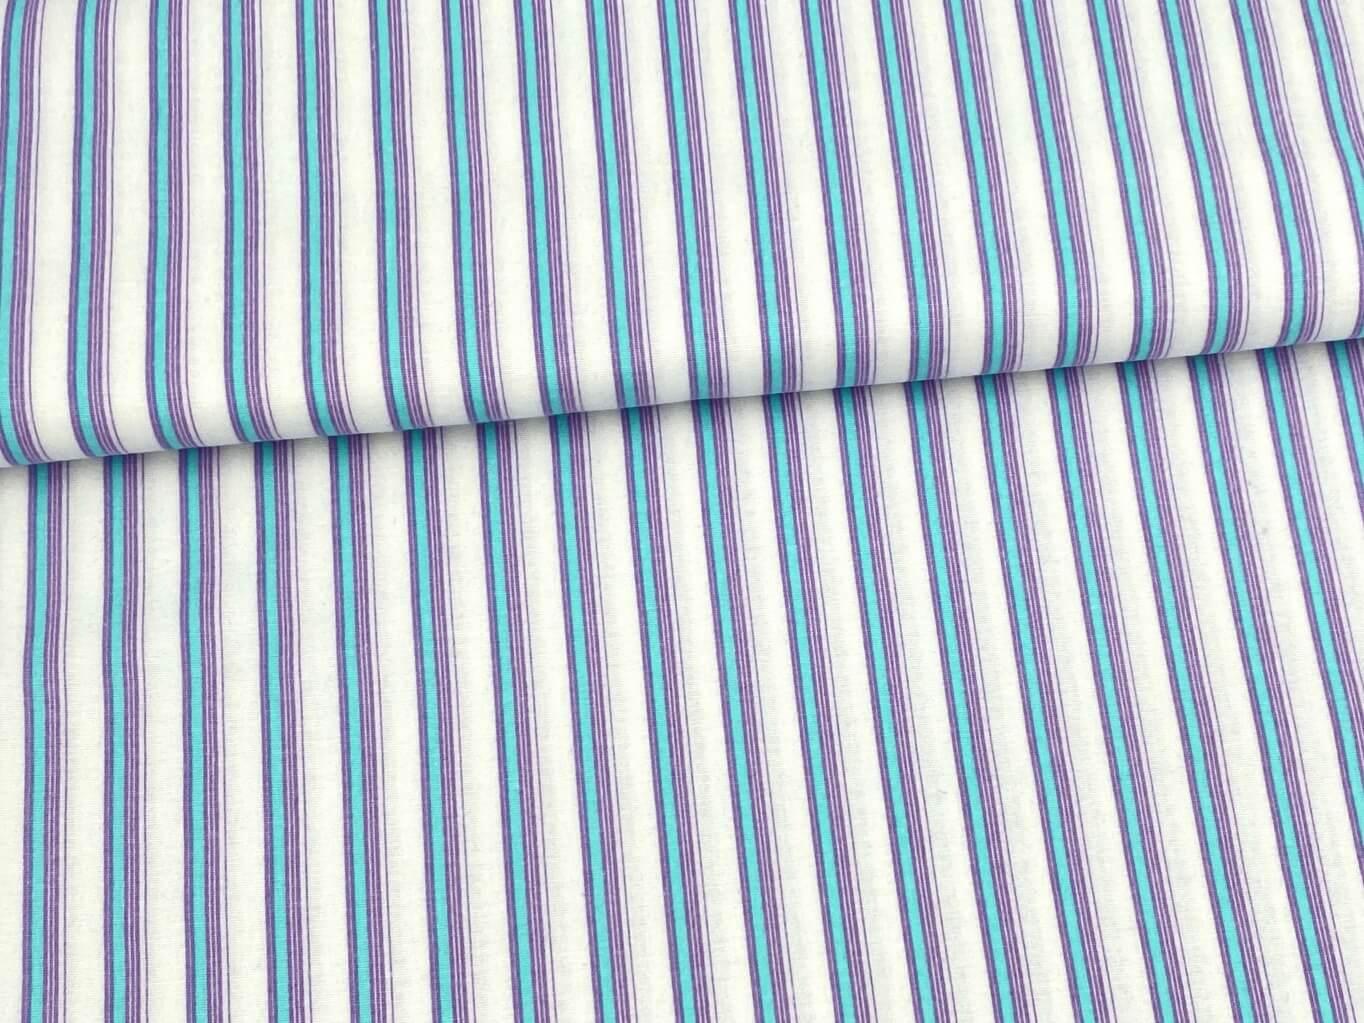 Mirtex FLANEL 150 (11581-1 pruhy pyžamo) 150cm / VELKOOBCHOD Ceník: VELKOOBCHOD: po celých rolích, b